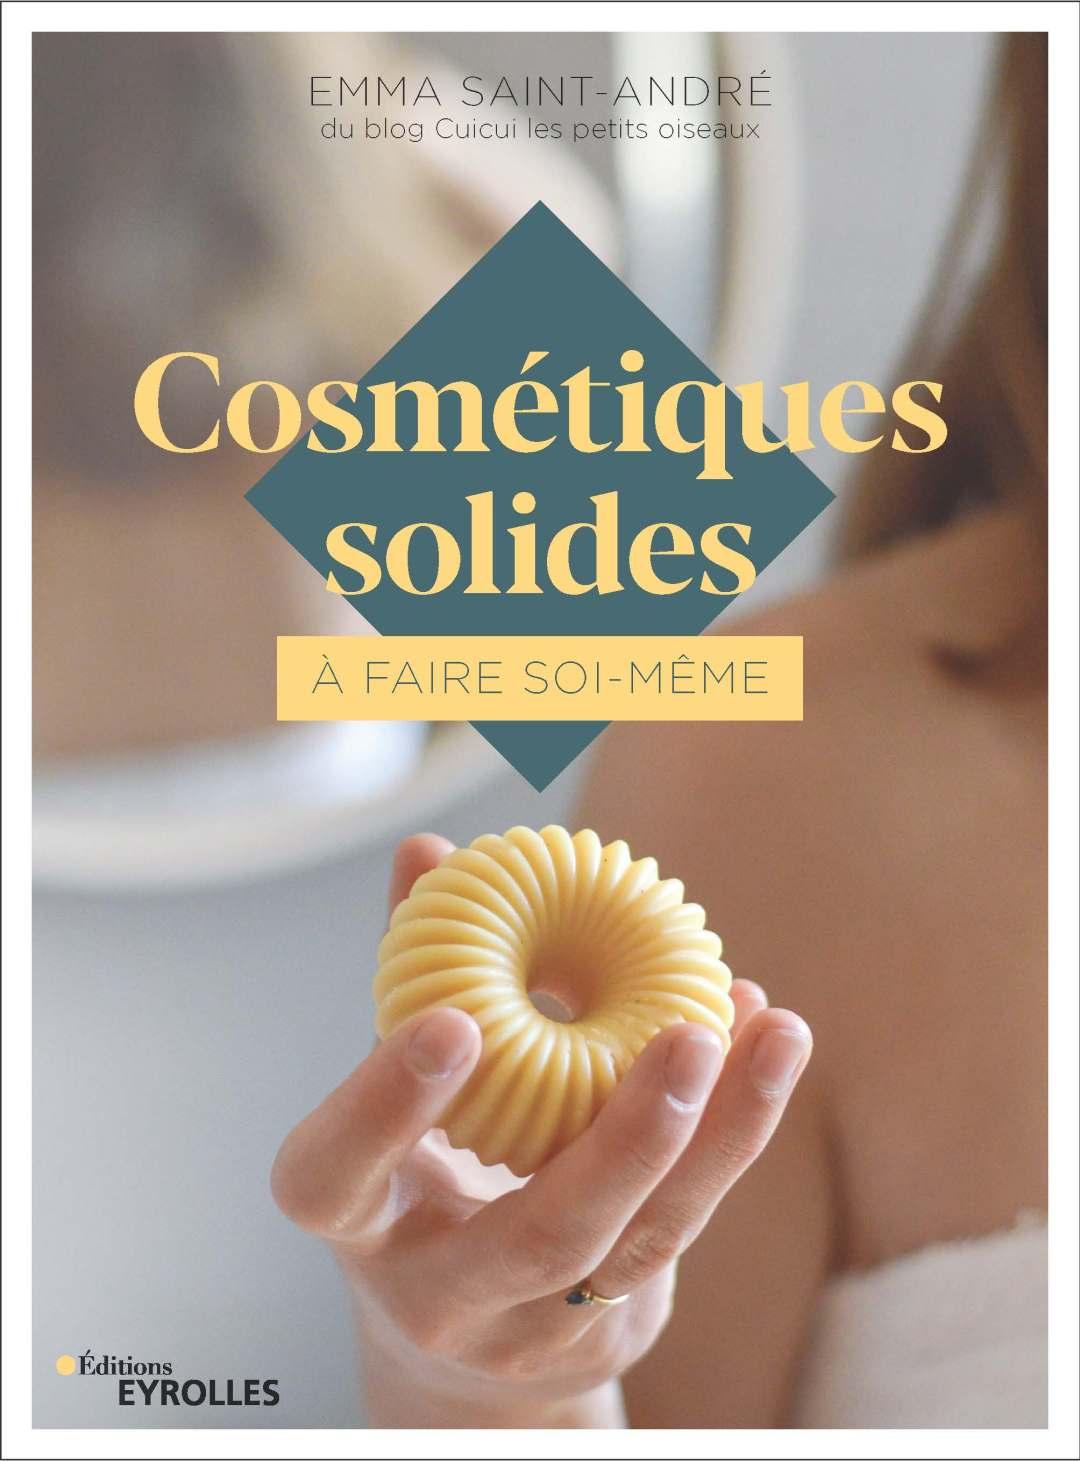 couverture du lire peau aux éditions Eyrolles intitulés : Cosmétiques solides à faire soi-même